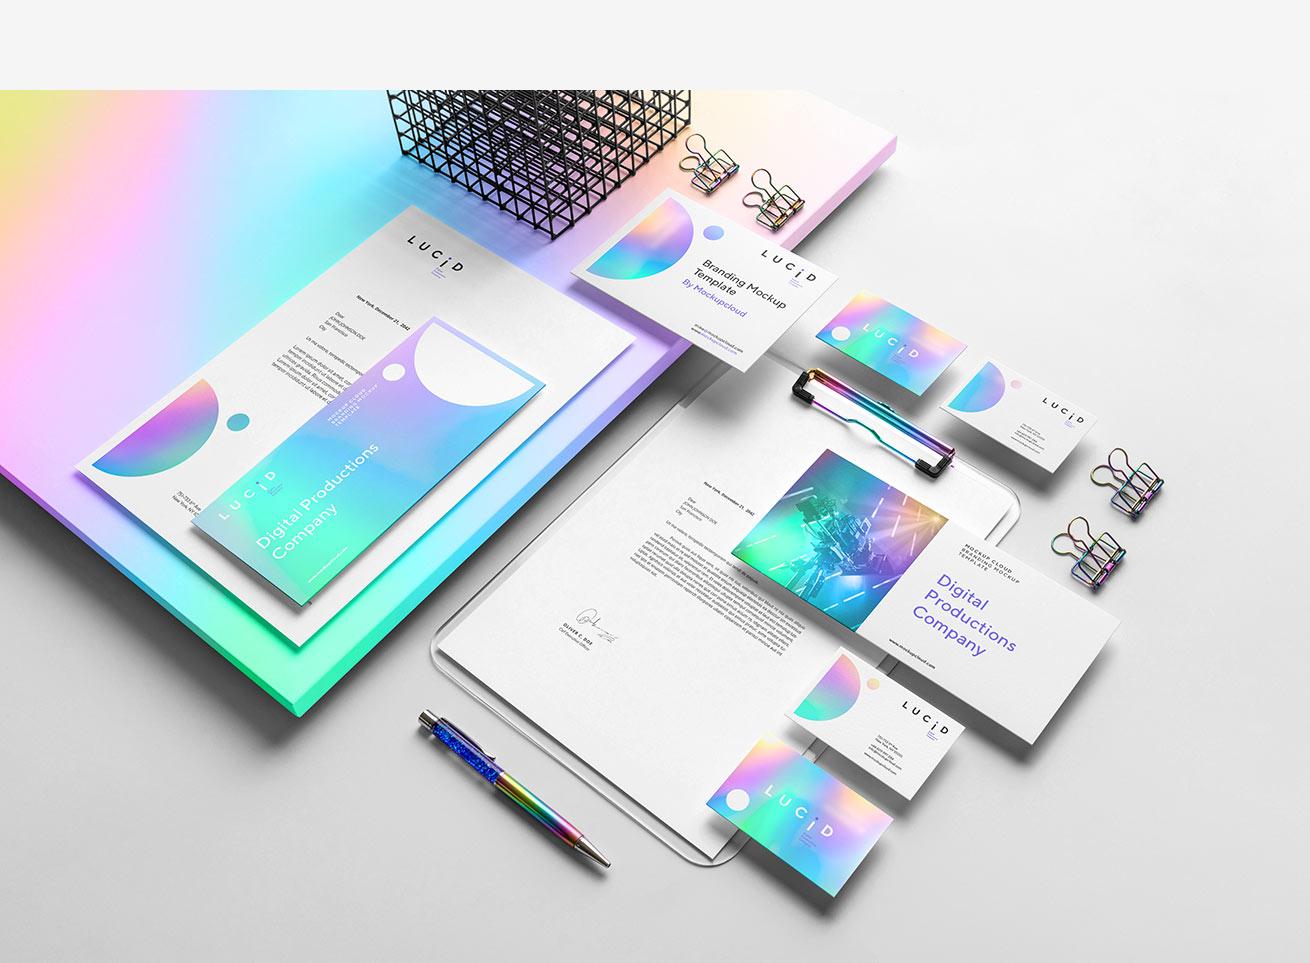 01_lucid_branding_mockup